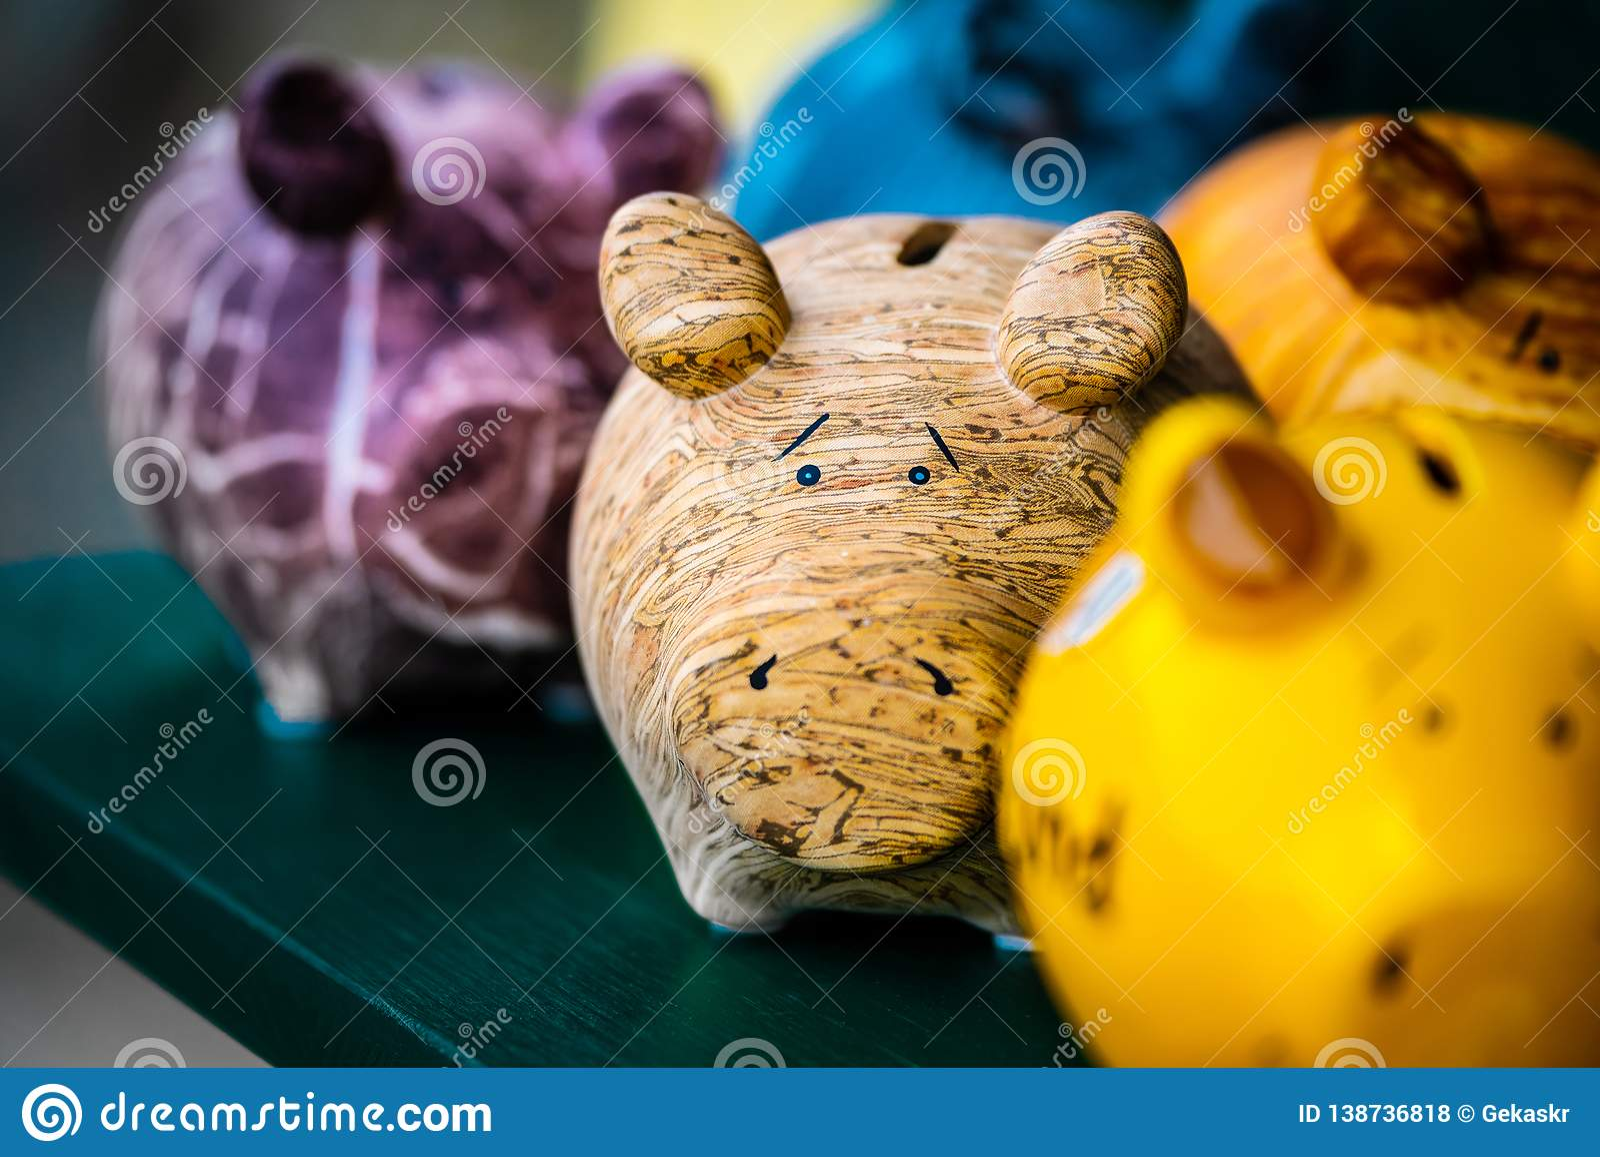 Copieurs en céramique colorés de forme de porc